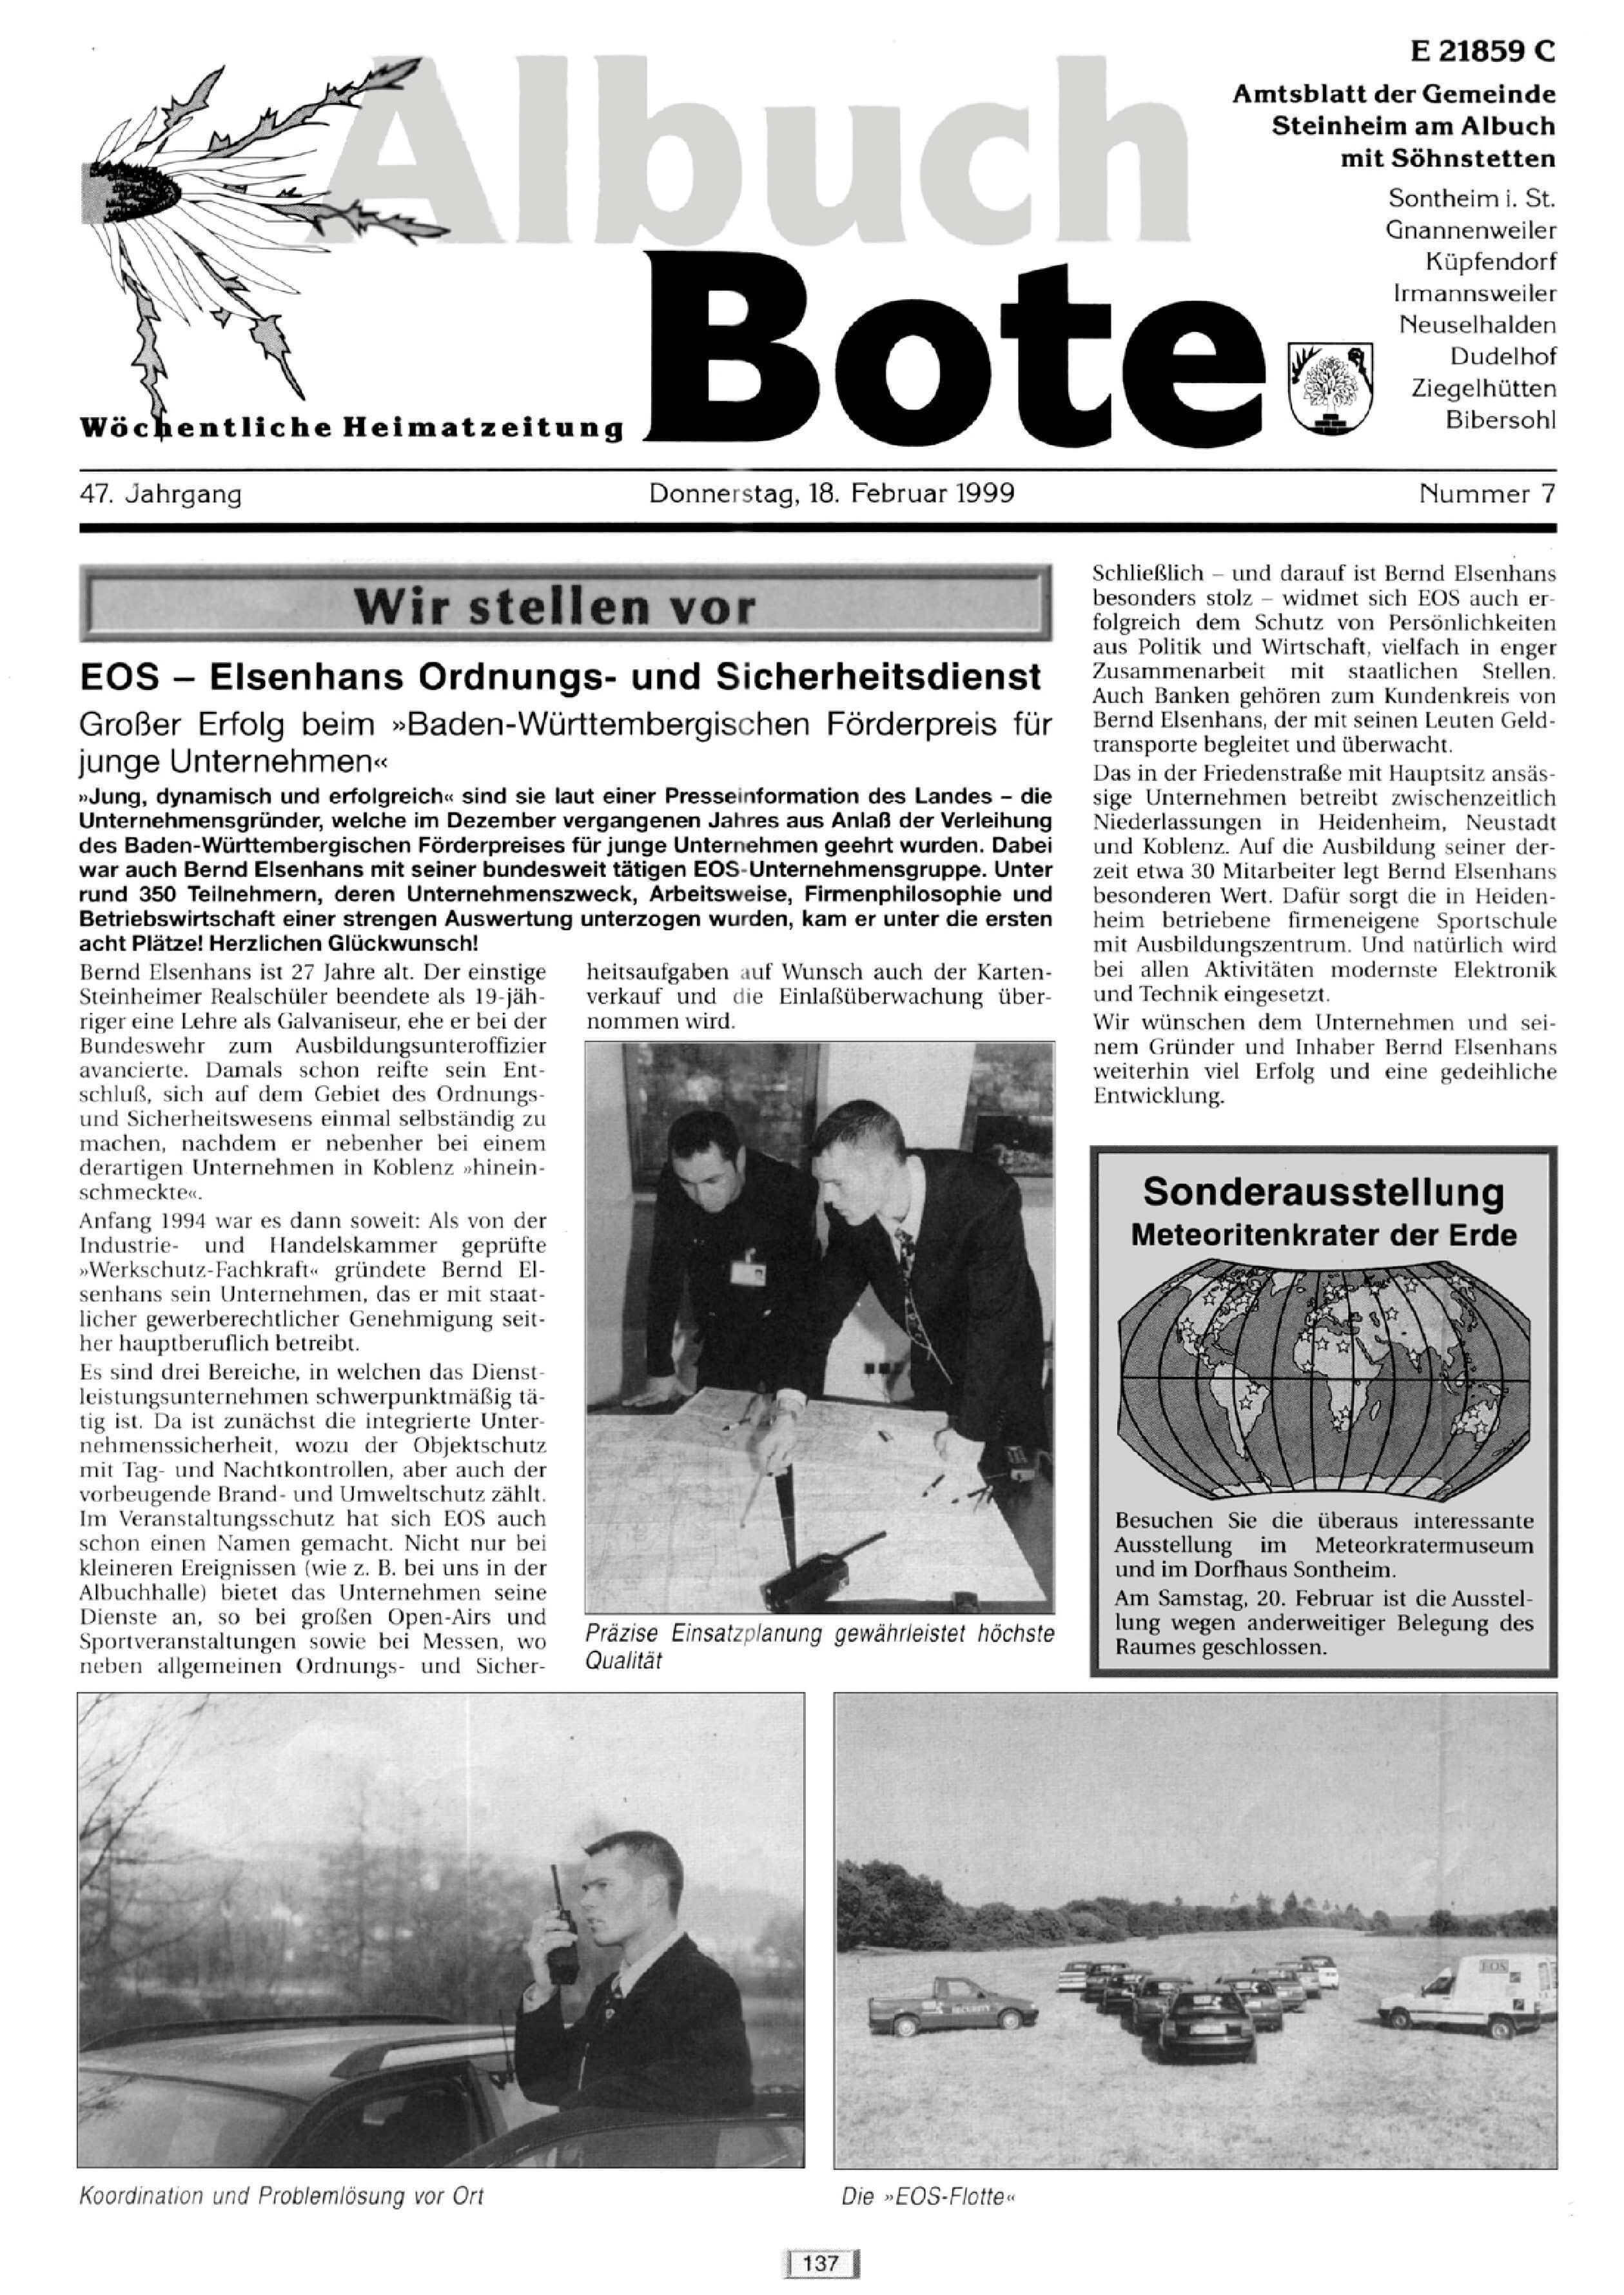 """Großer Erfolg beim """"BW Förderpreis für junge Unternehmen"""""""